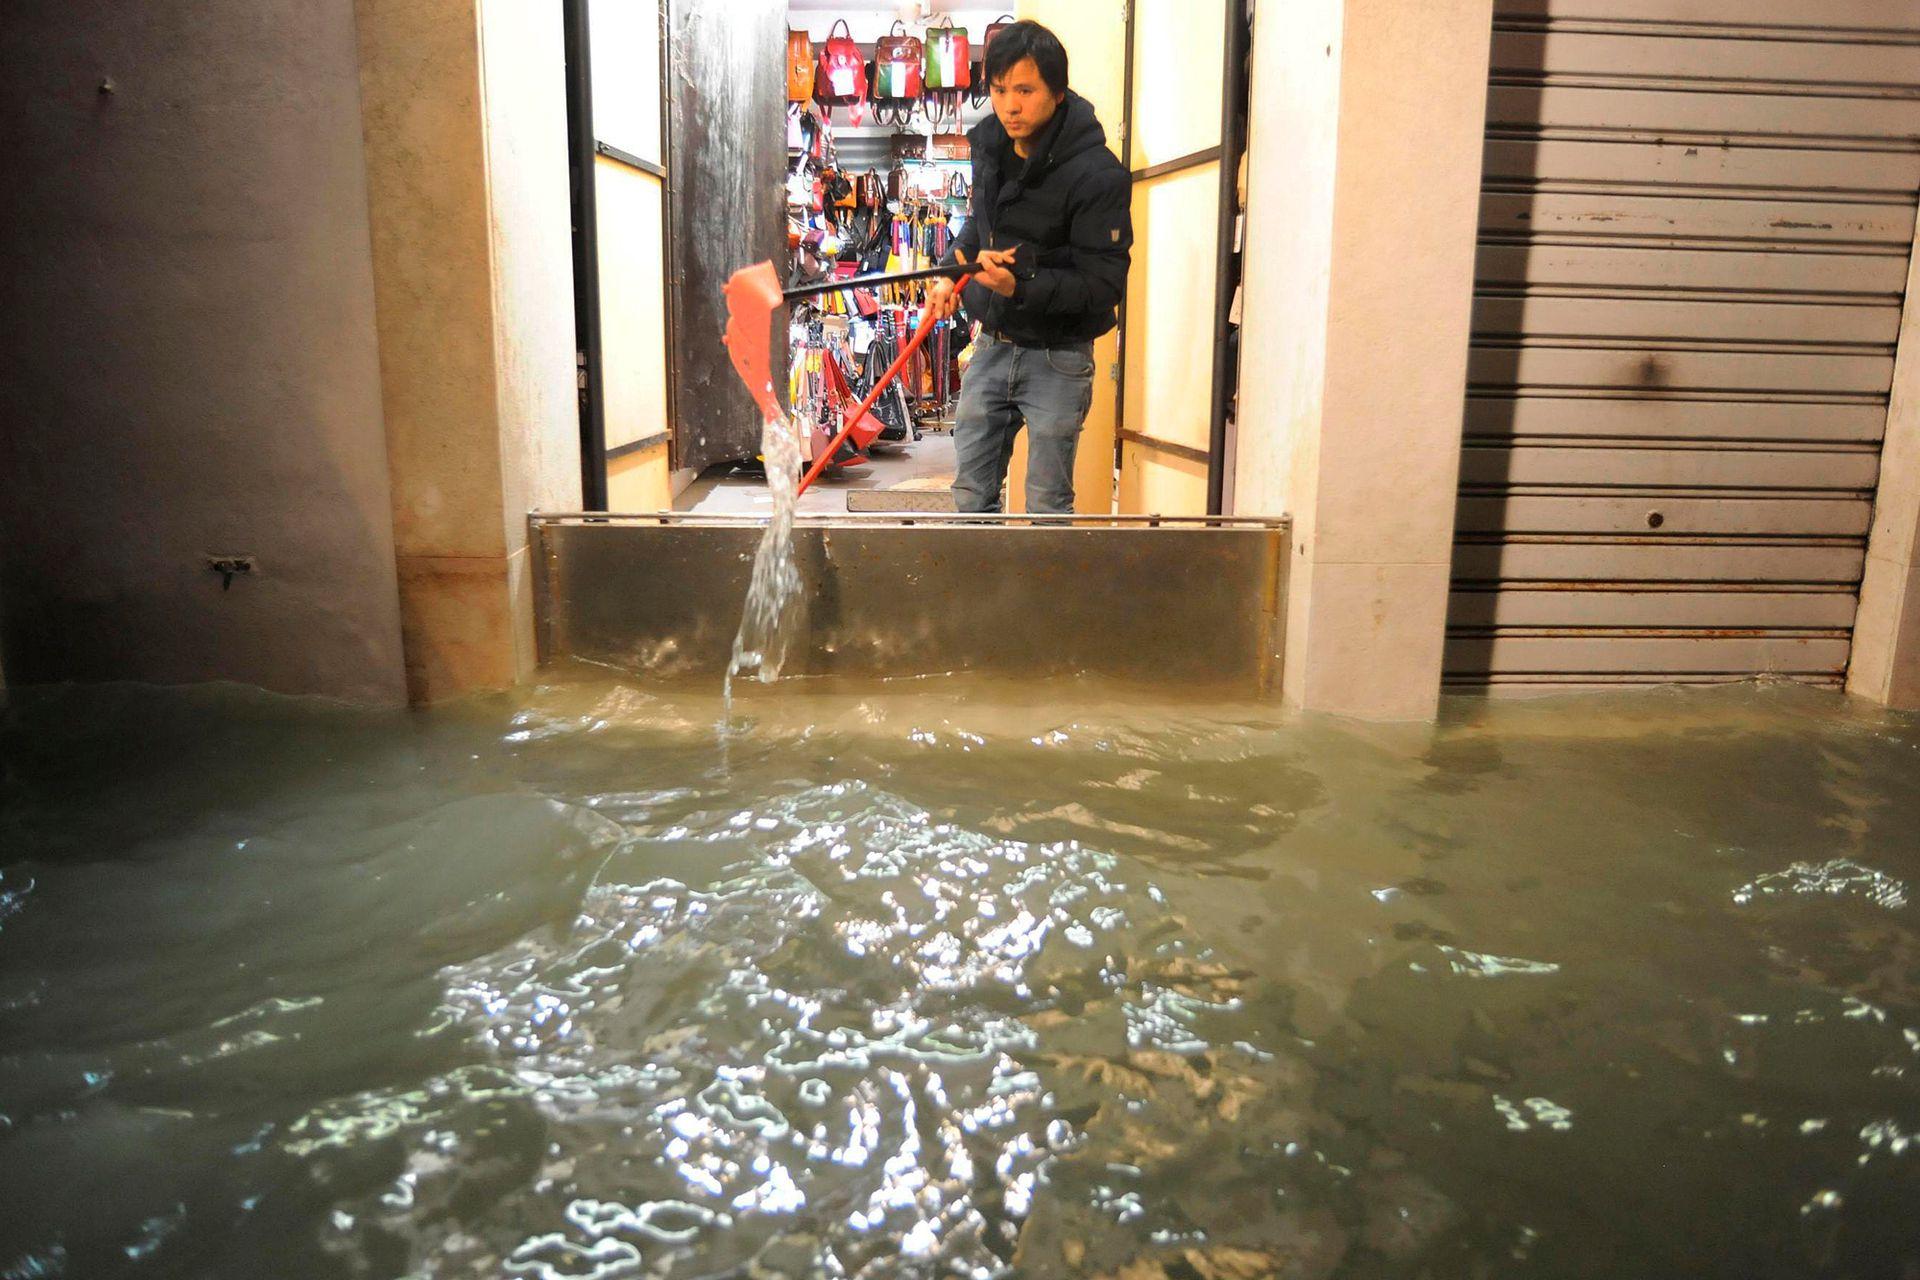 Un hombre saca el agua de un comercio luego de que la compuerta no resistiera la inundación, ya que la altura superó el promedio habitual.